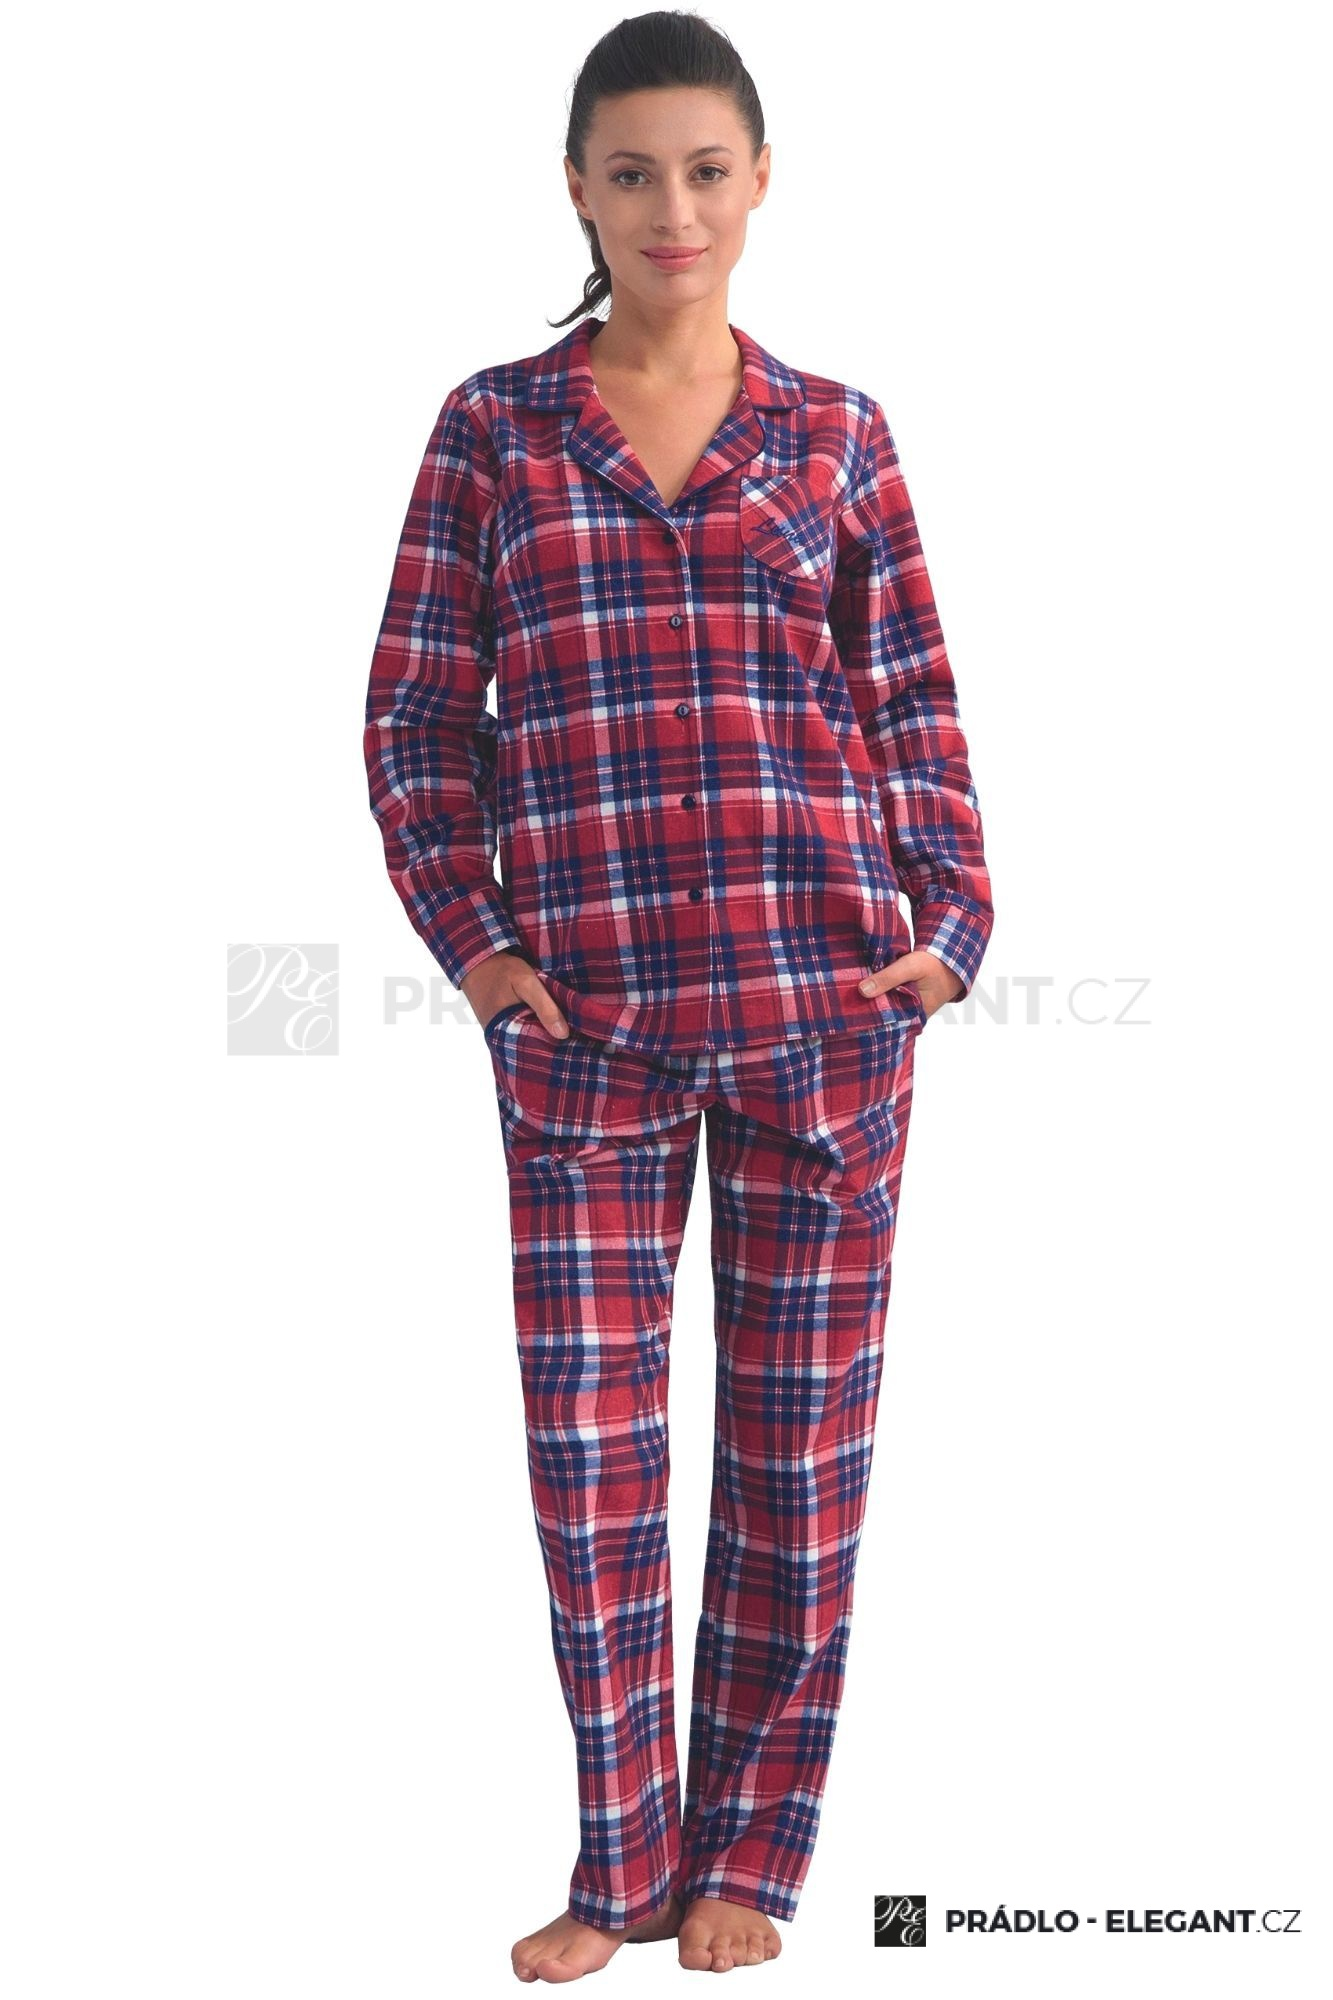 57aecd5a7edb Dámské flanelové pyžamo s dlouhými rukávy Dora vínové káro s límečkem a  kapsami